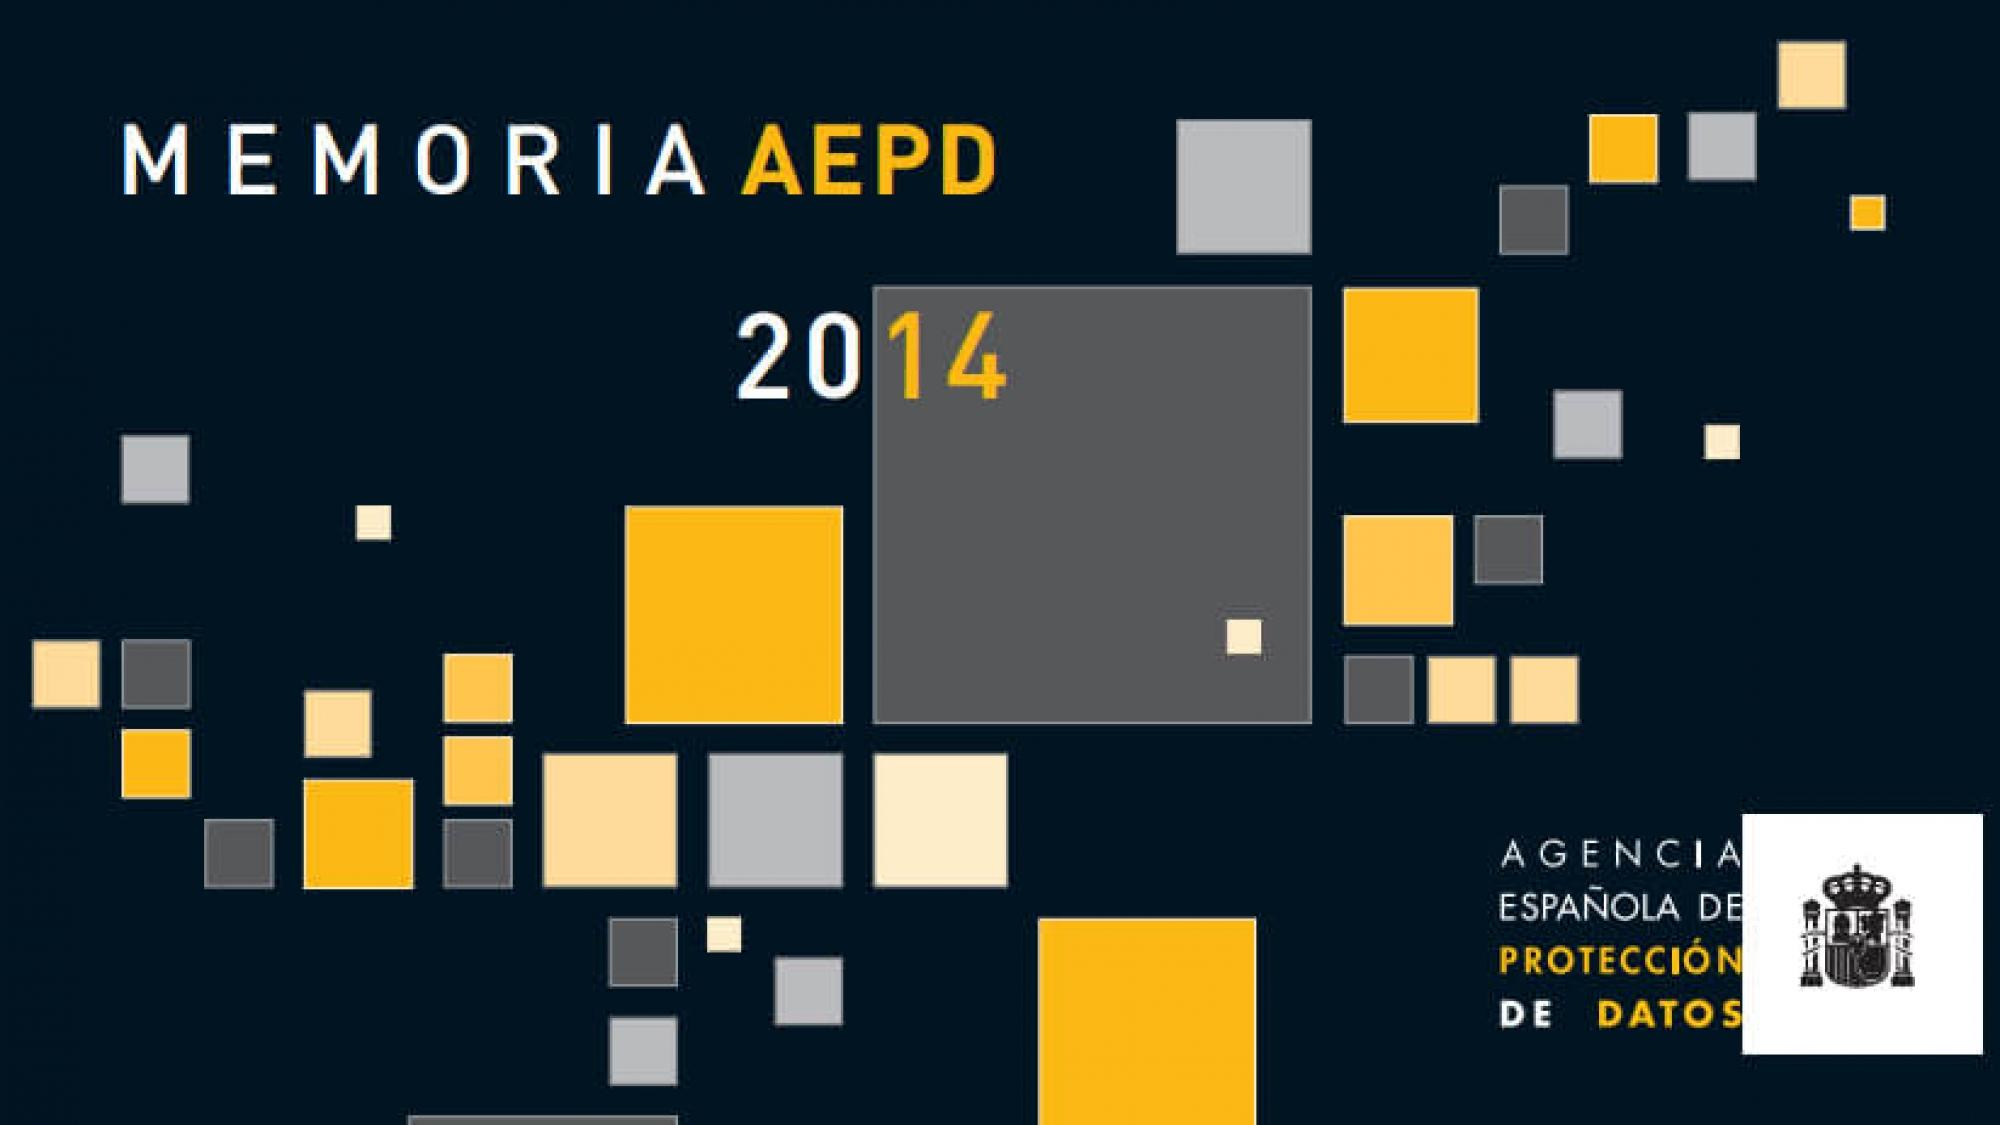 Memoria-AEPD-2014